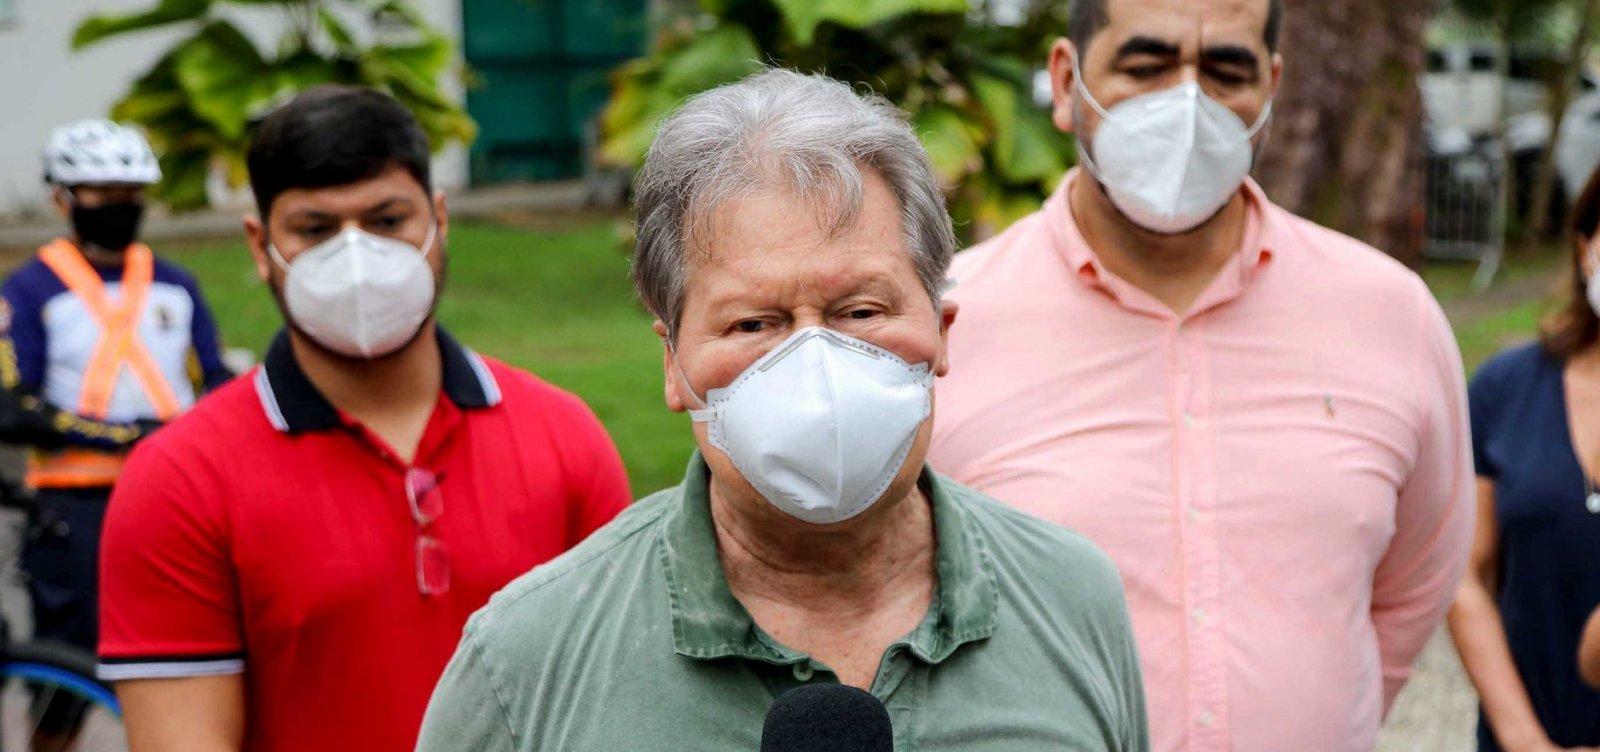 [Aos 72 anos, prefeito de Manaus é internado em UTI com Covid-19]